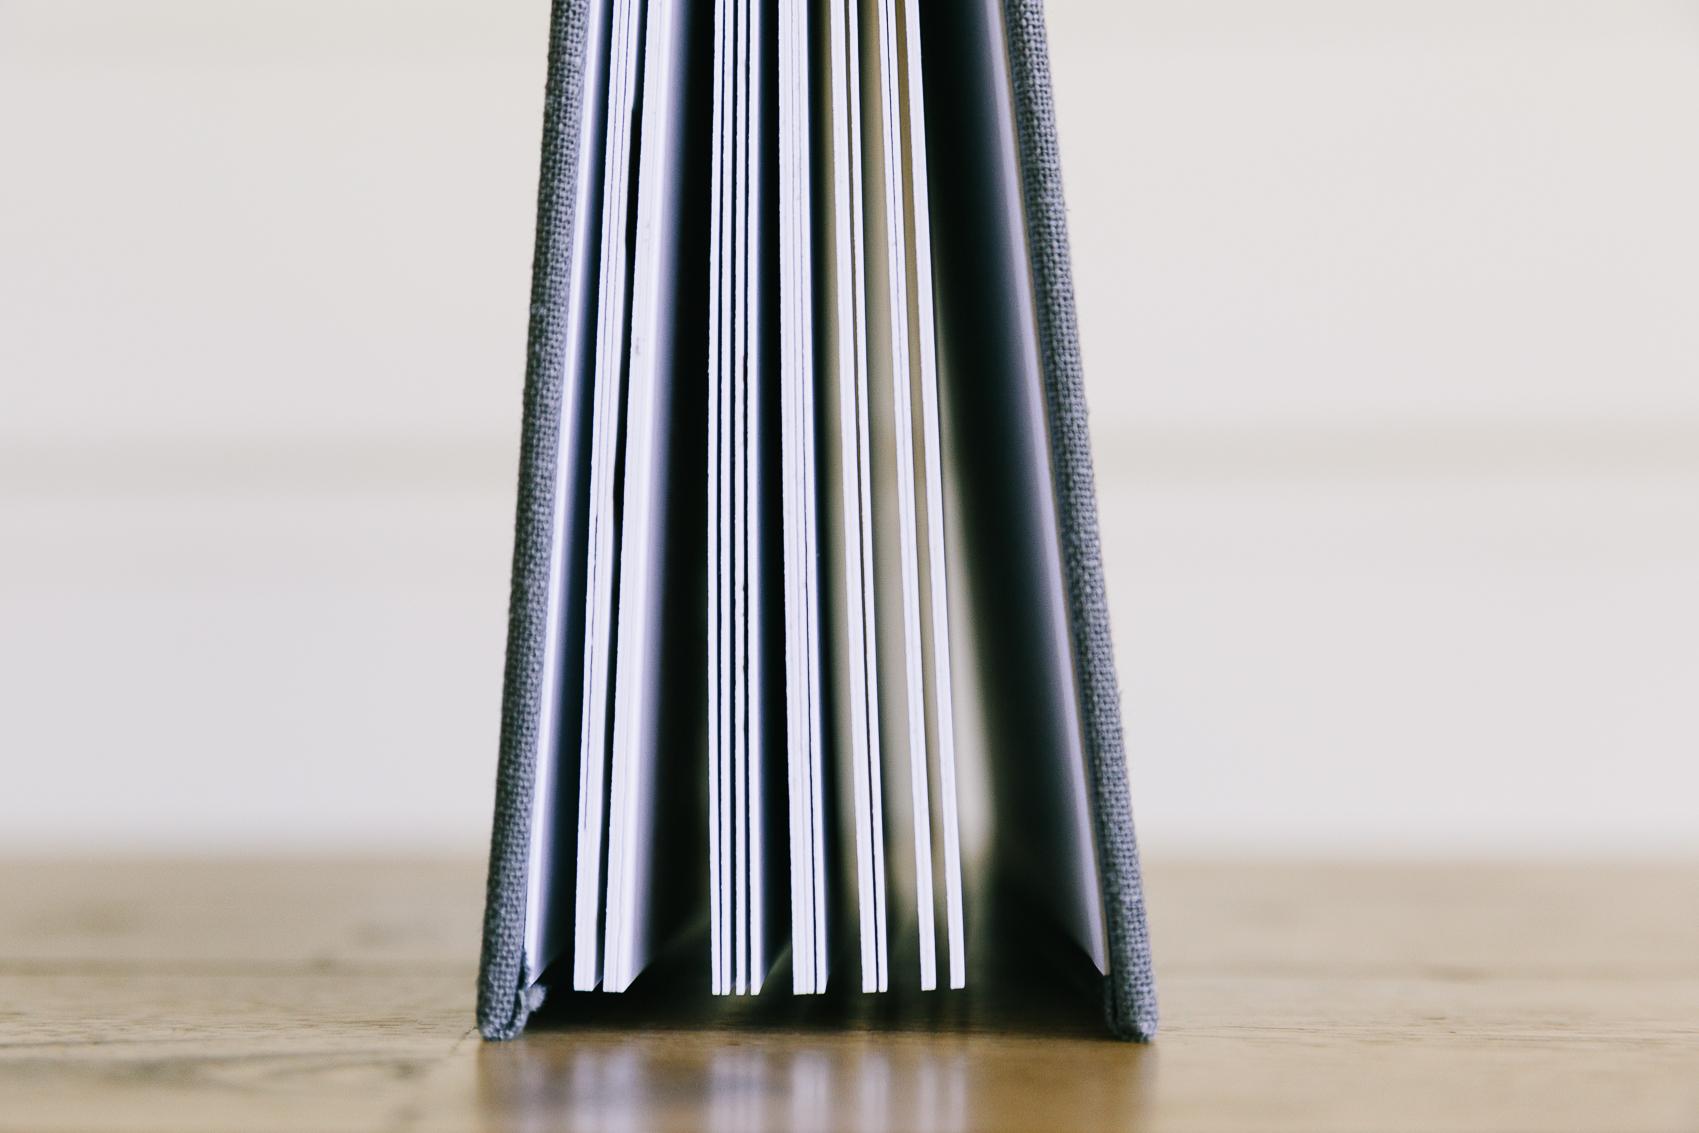 Books2019-0103.jpg